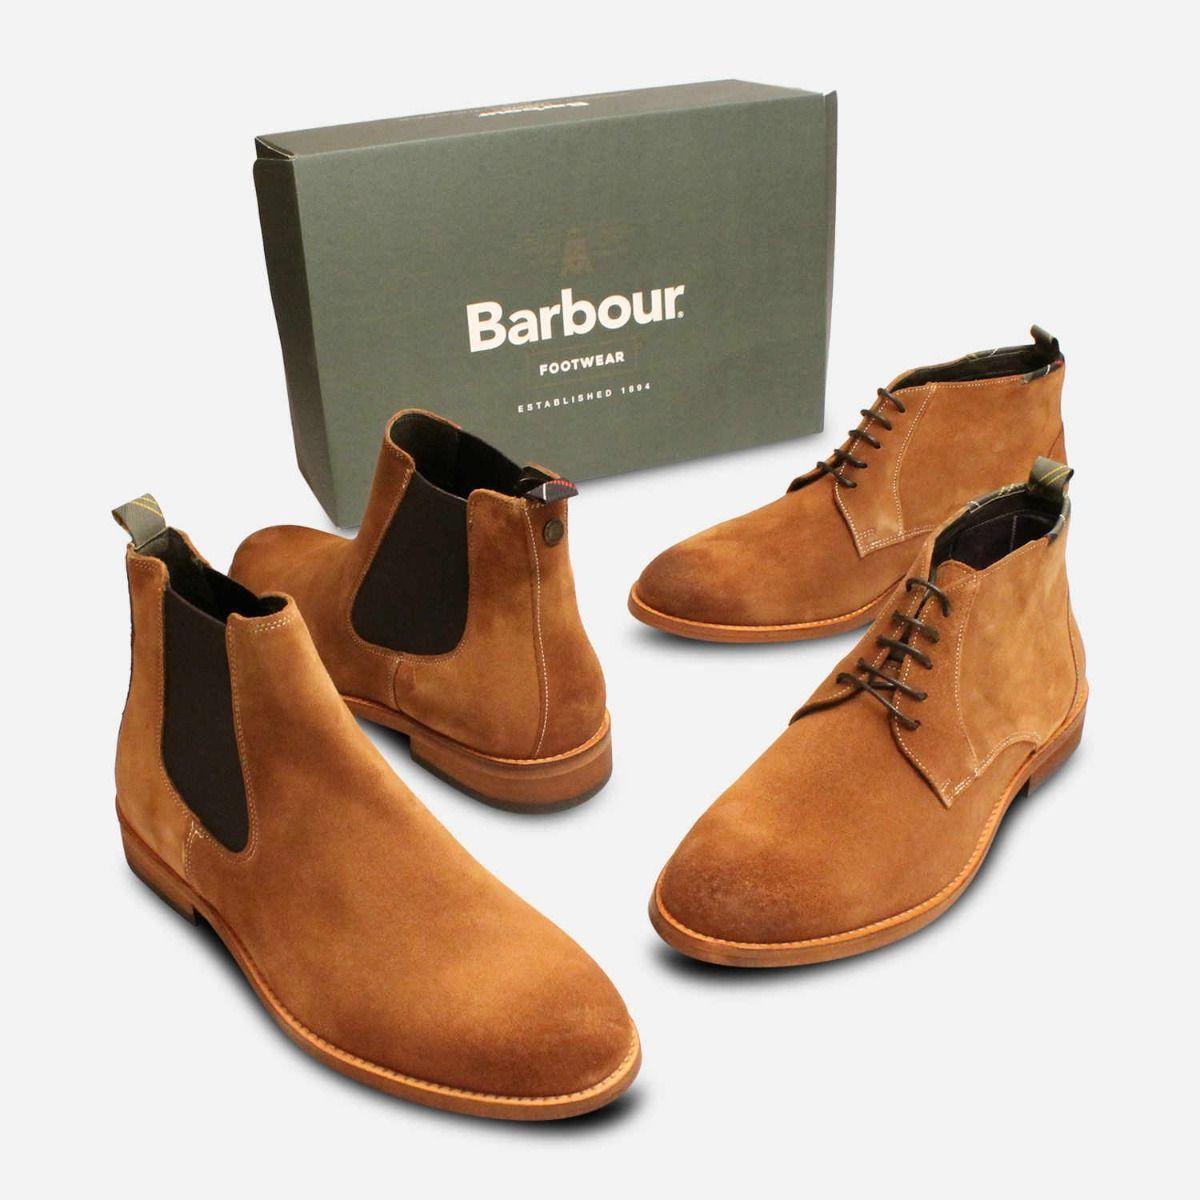 Barbour Designer Light Brown Suede